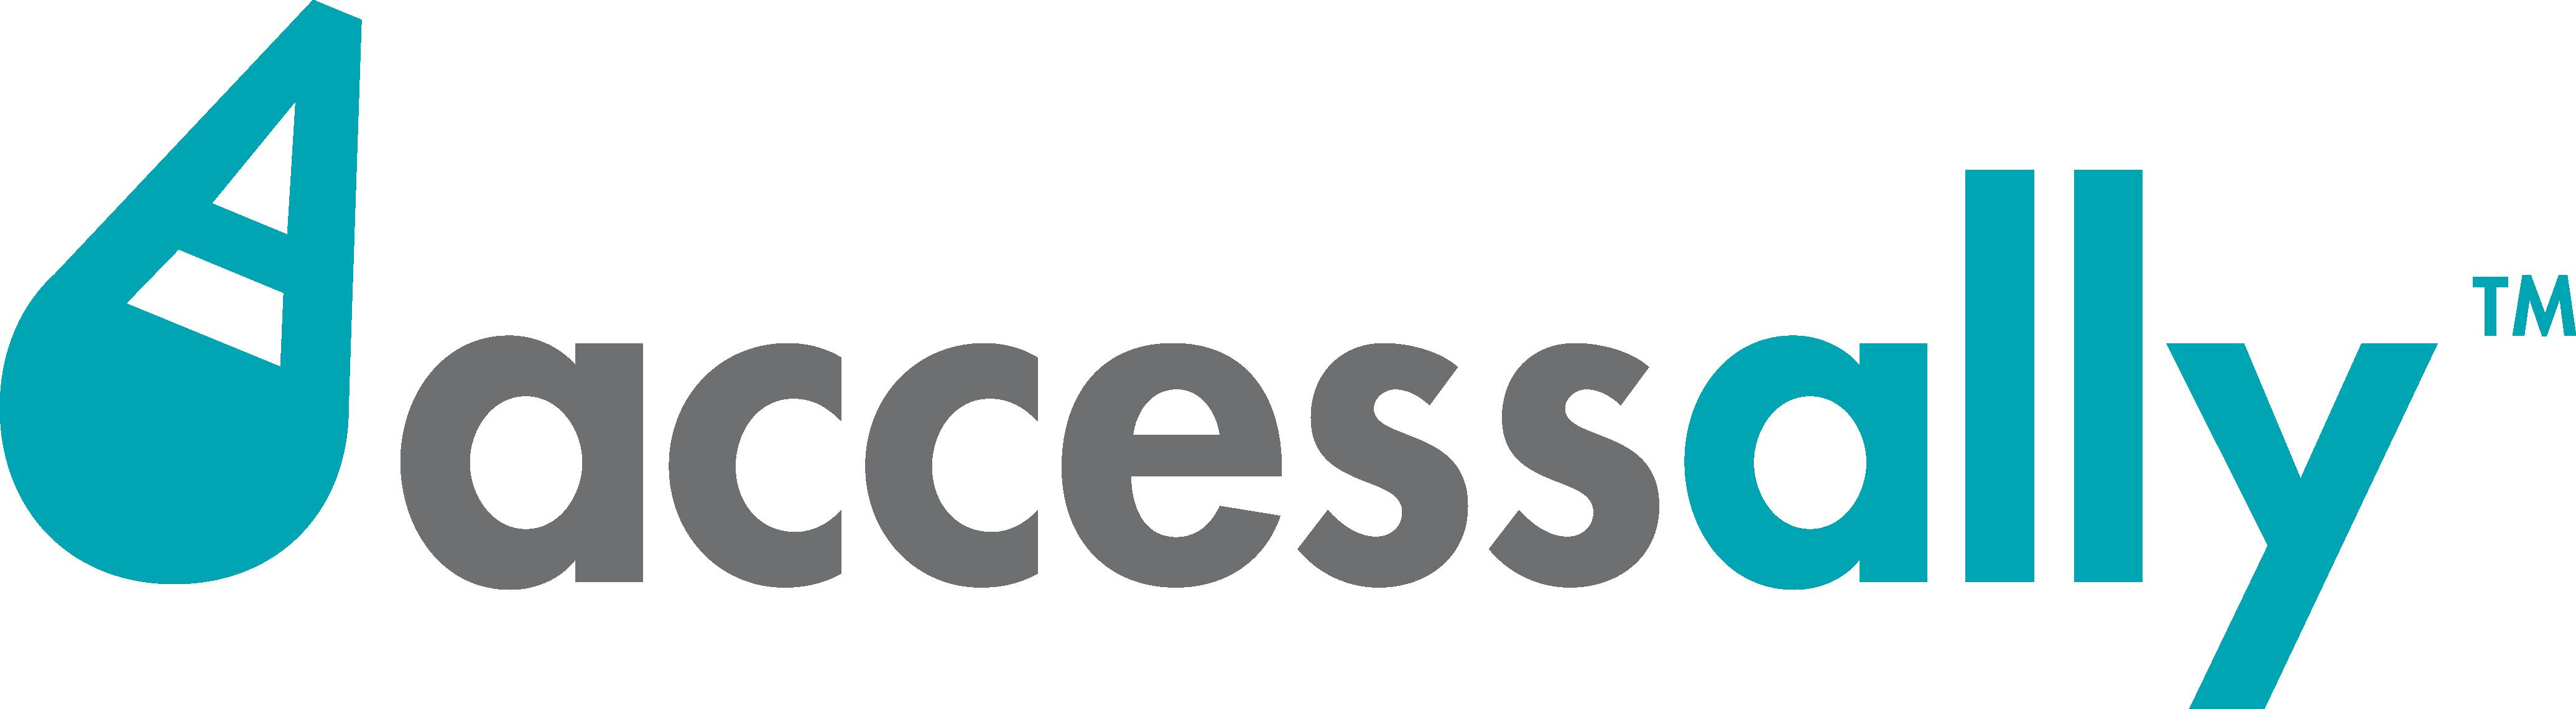 accessally-logo-blue